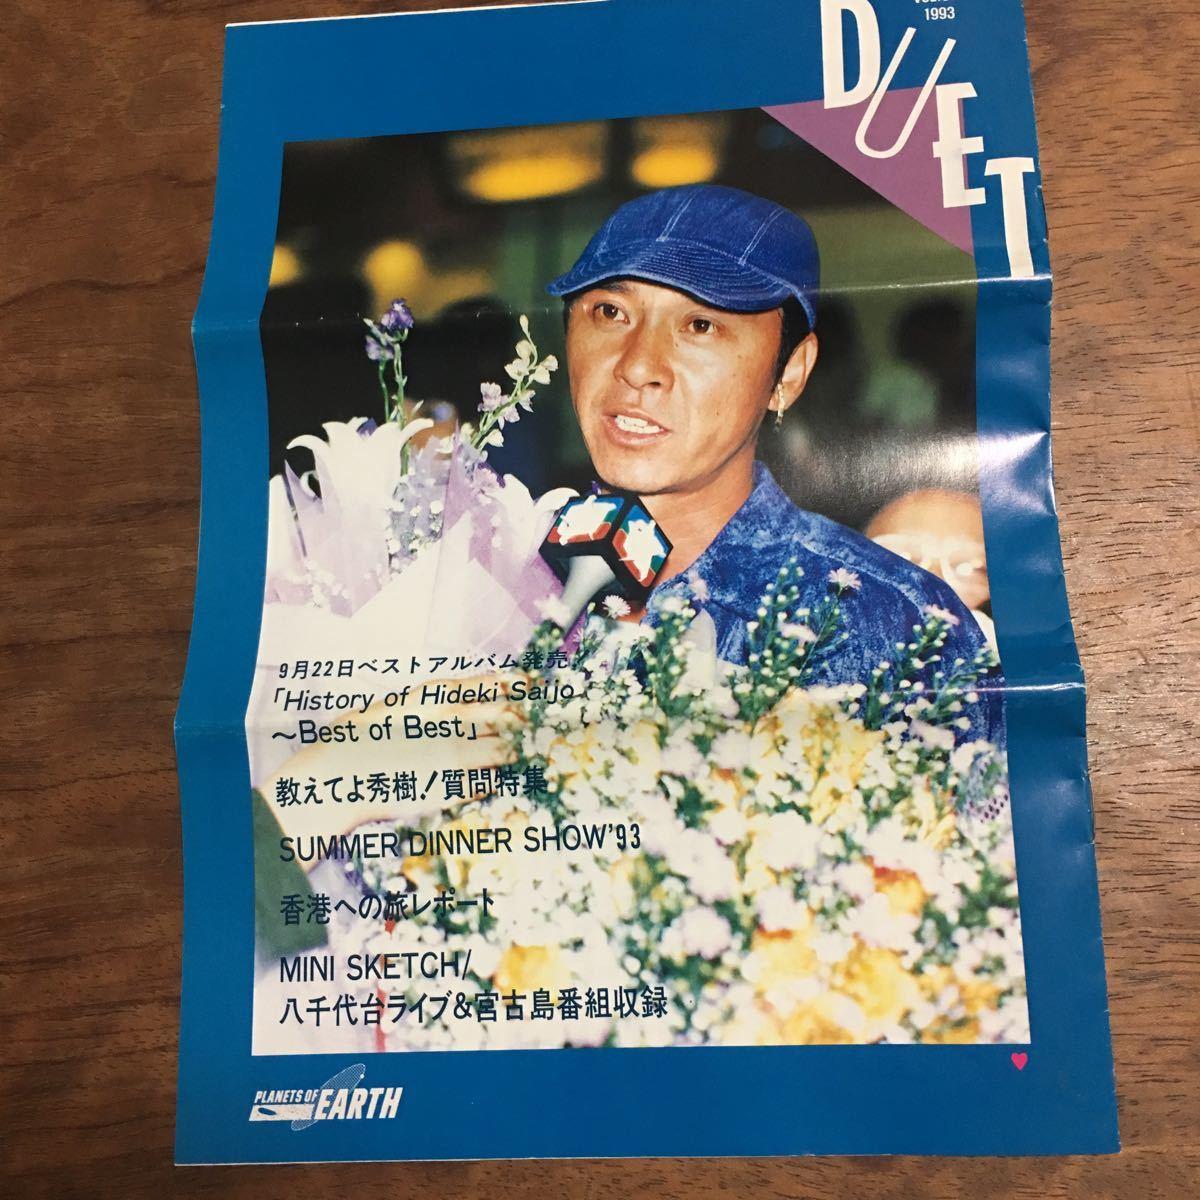 西城秀樹 ファンクラブ会報誌 DUET 1993 vol 31